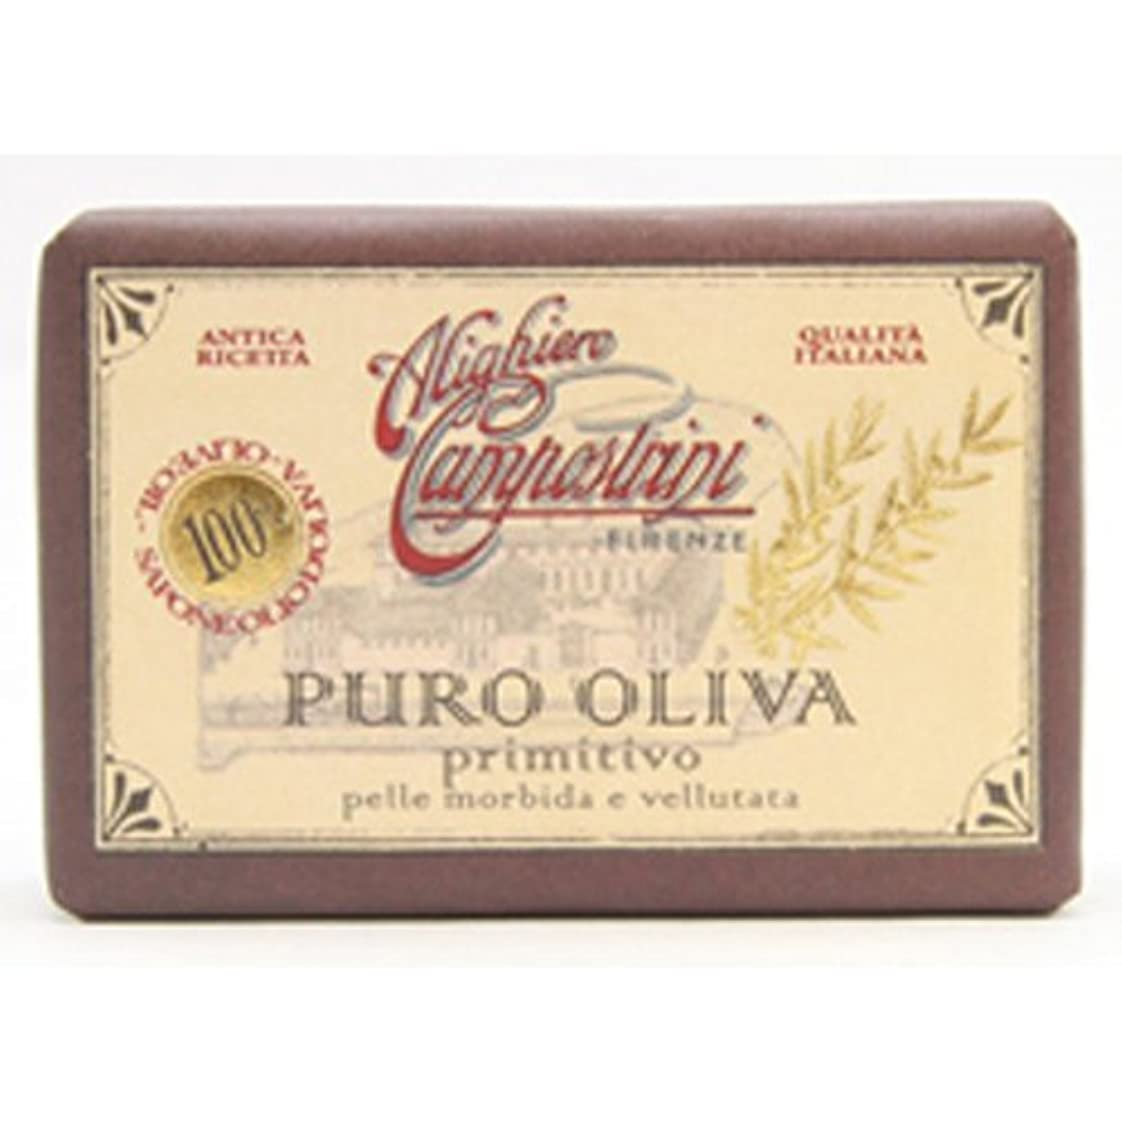 お父さん初心者フェデレーションSaponerire Fissi サポネリーフィッシー PURO OLIVA Soap オリーブオイル ピュロ ソープ primitivo オリジナル 150g